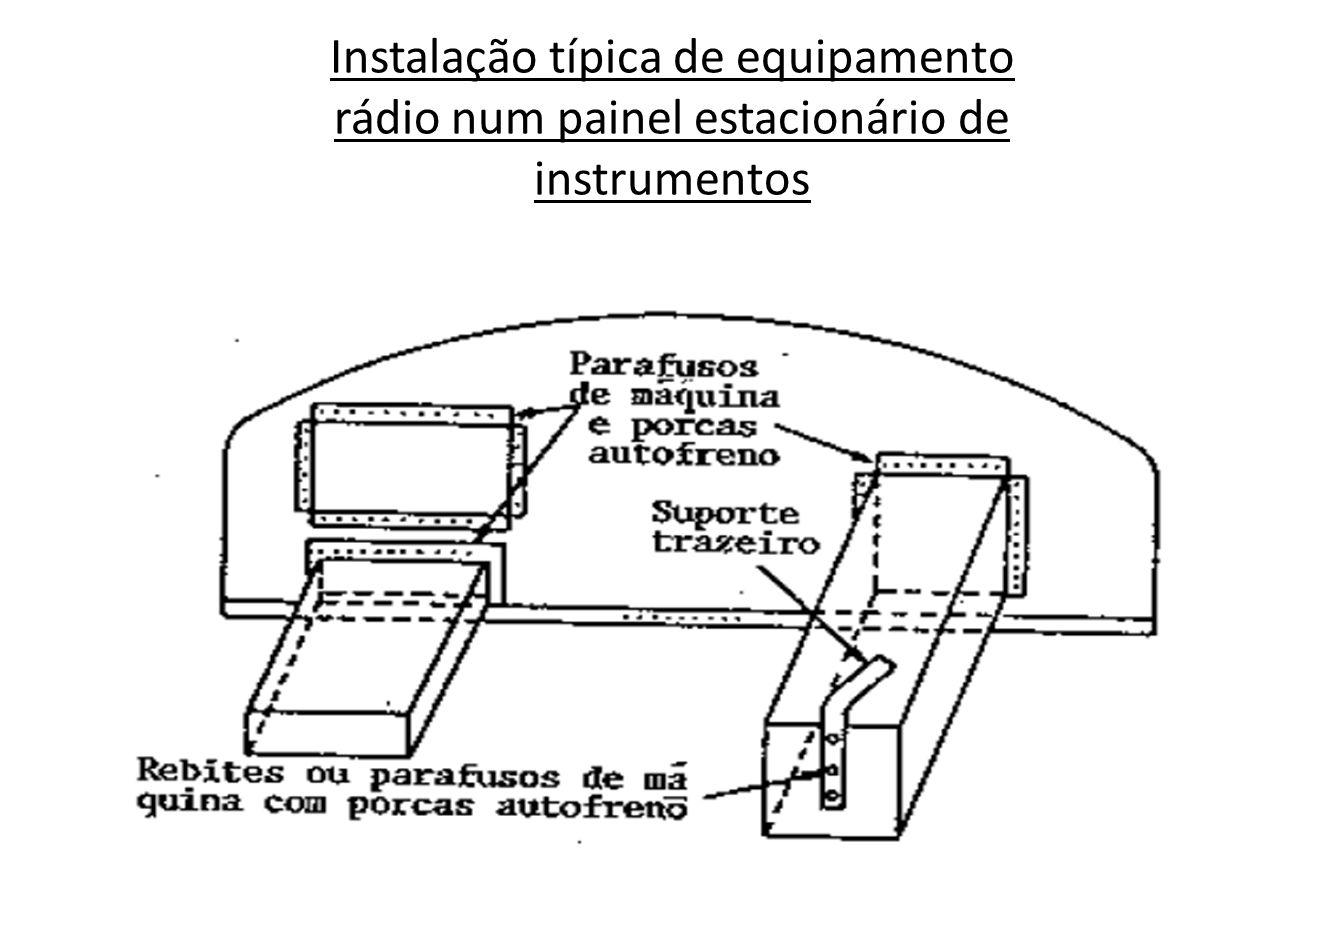 Instalação típica de equipamento rádio num painel estacionário de instrumentos